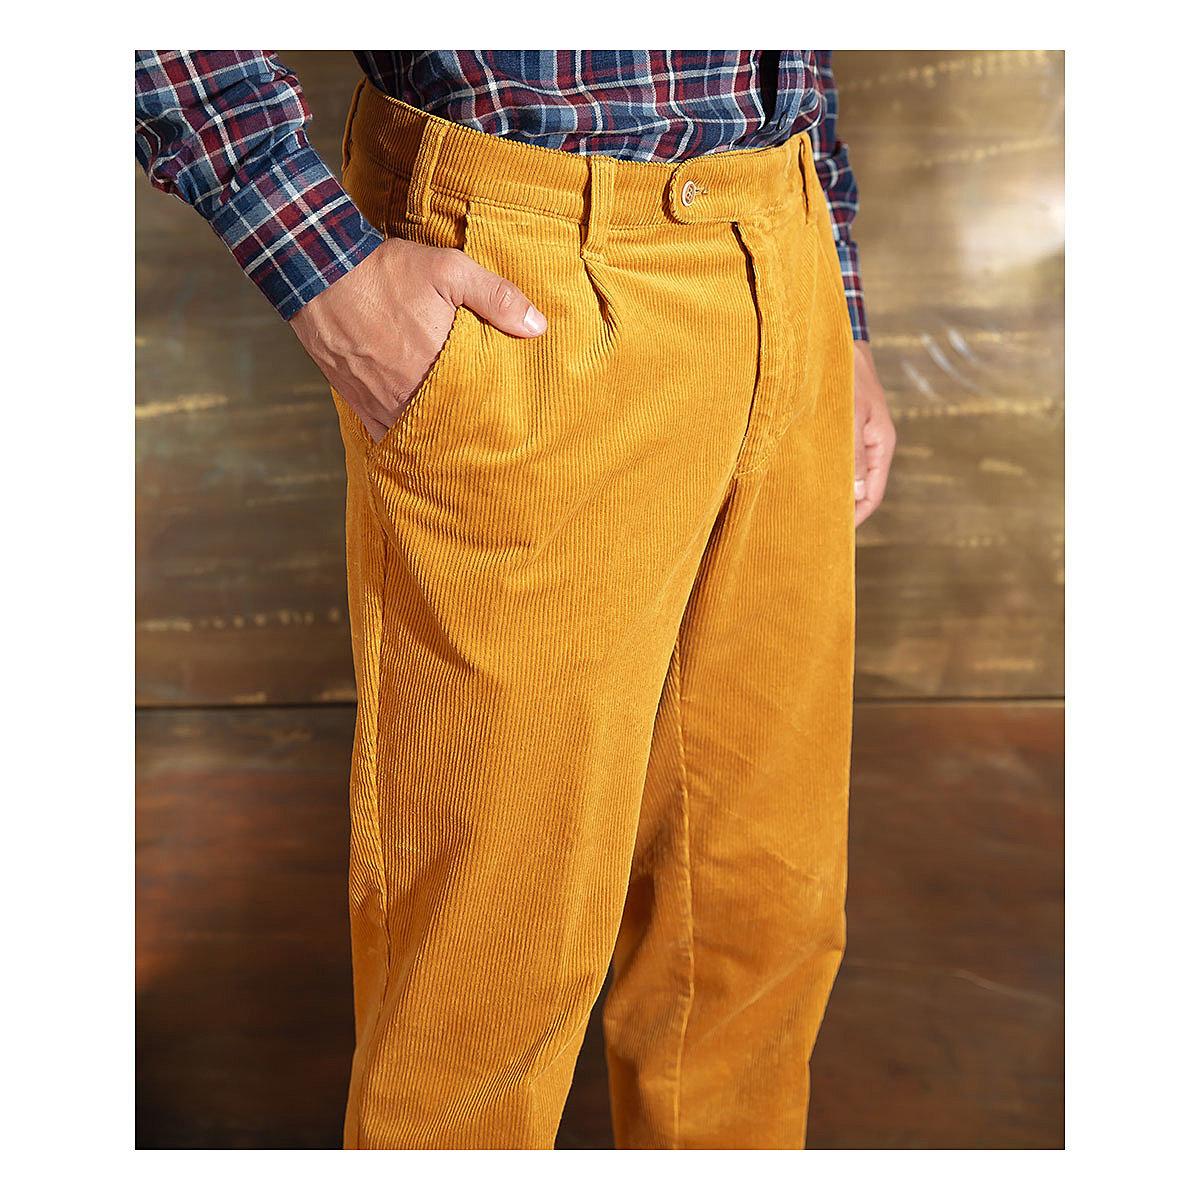 Aubi | Original Trelana Wollcord Hose | MIt elastischem Komfortbund | Farbe braun